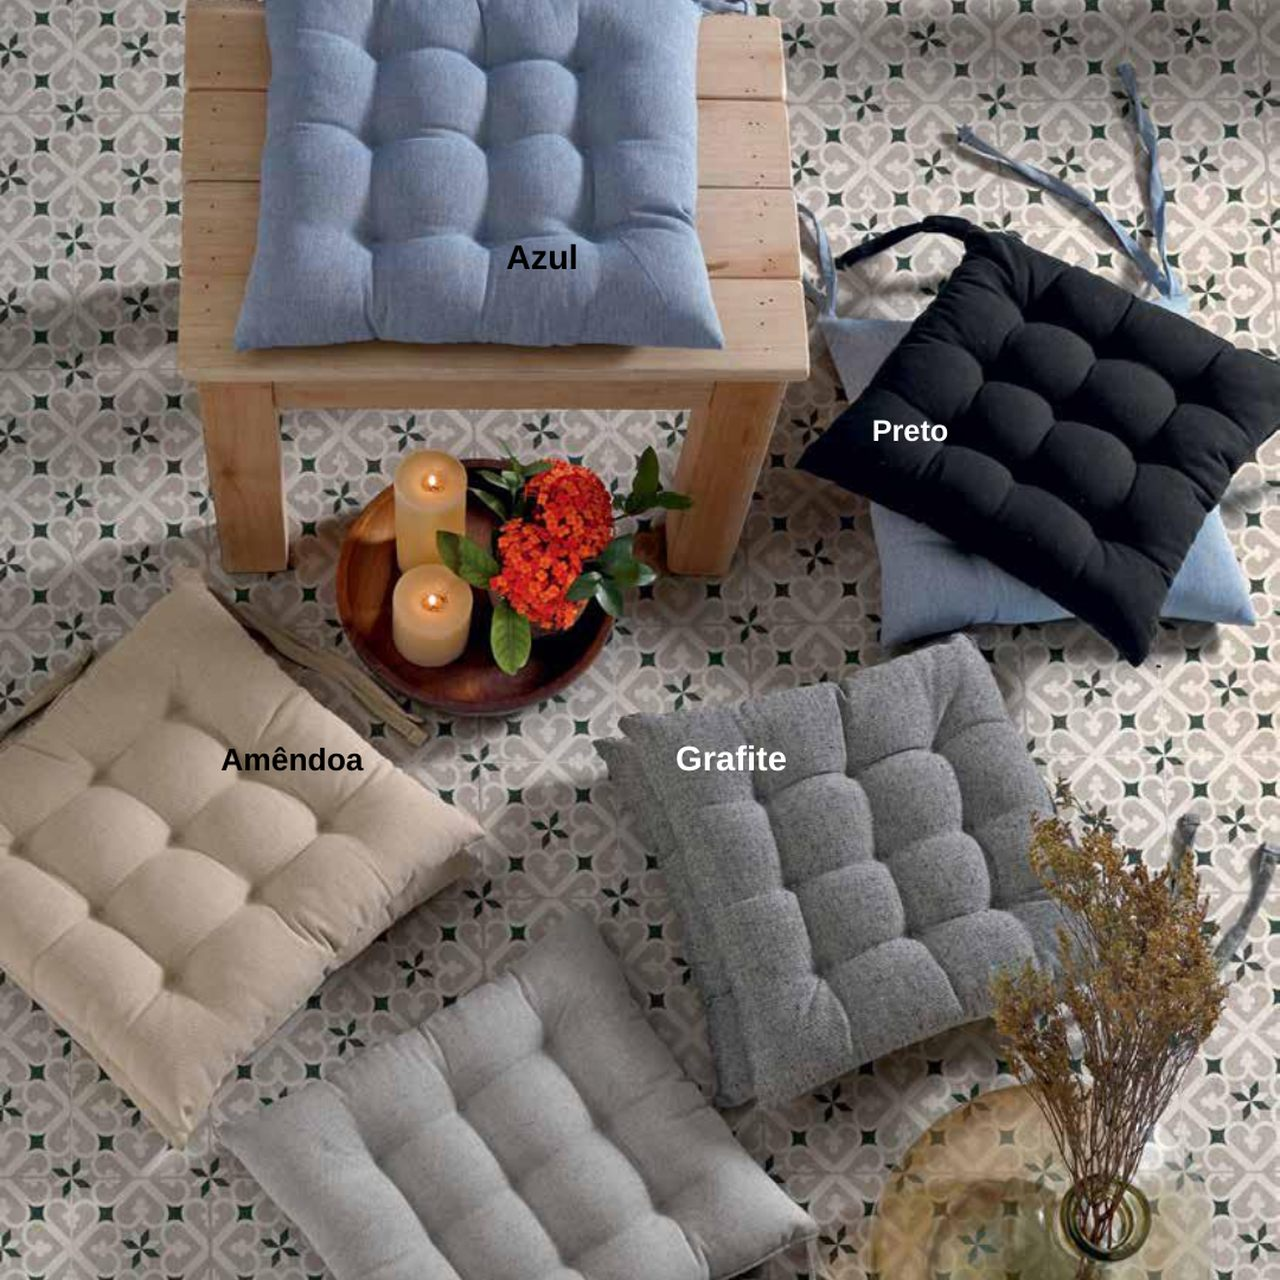 Almofada Futton para cadeira 45x45cm - Amêndoa